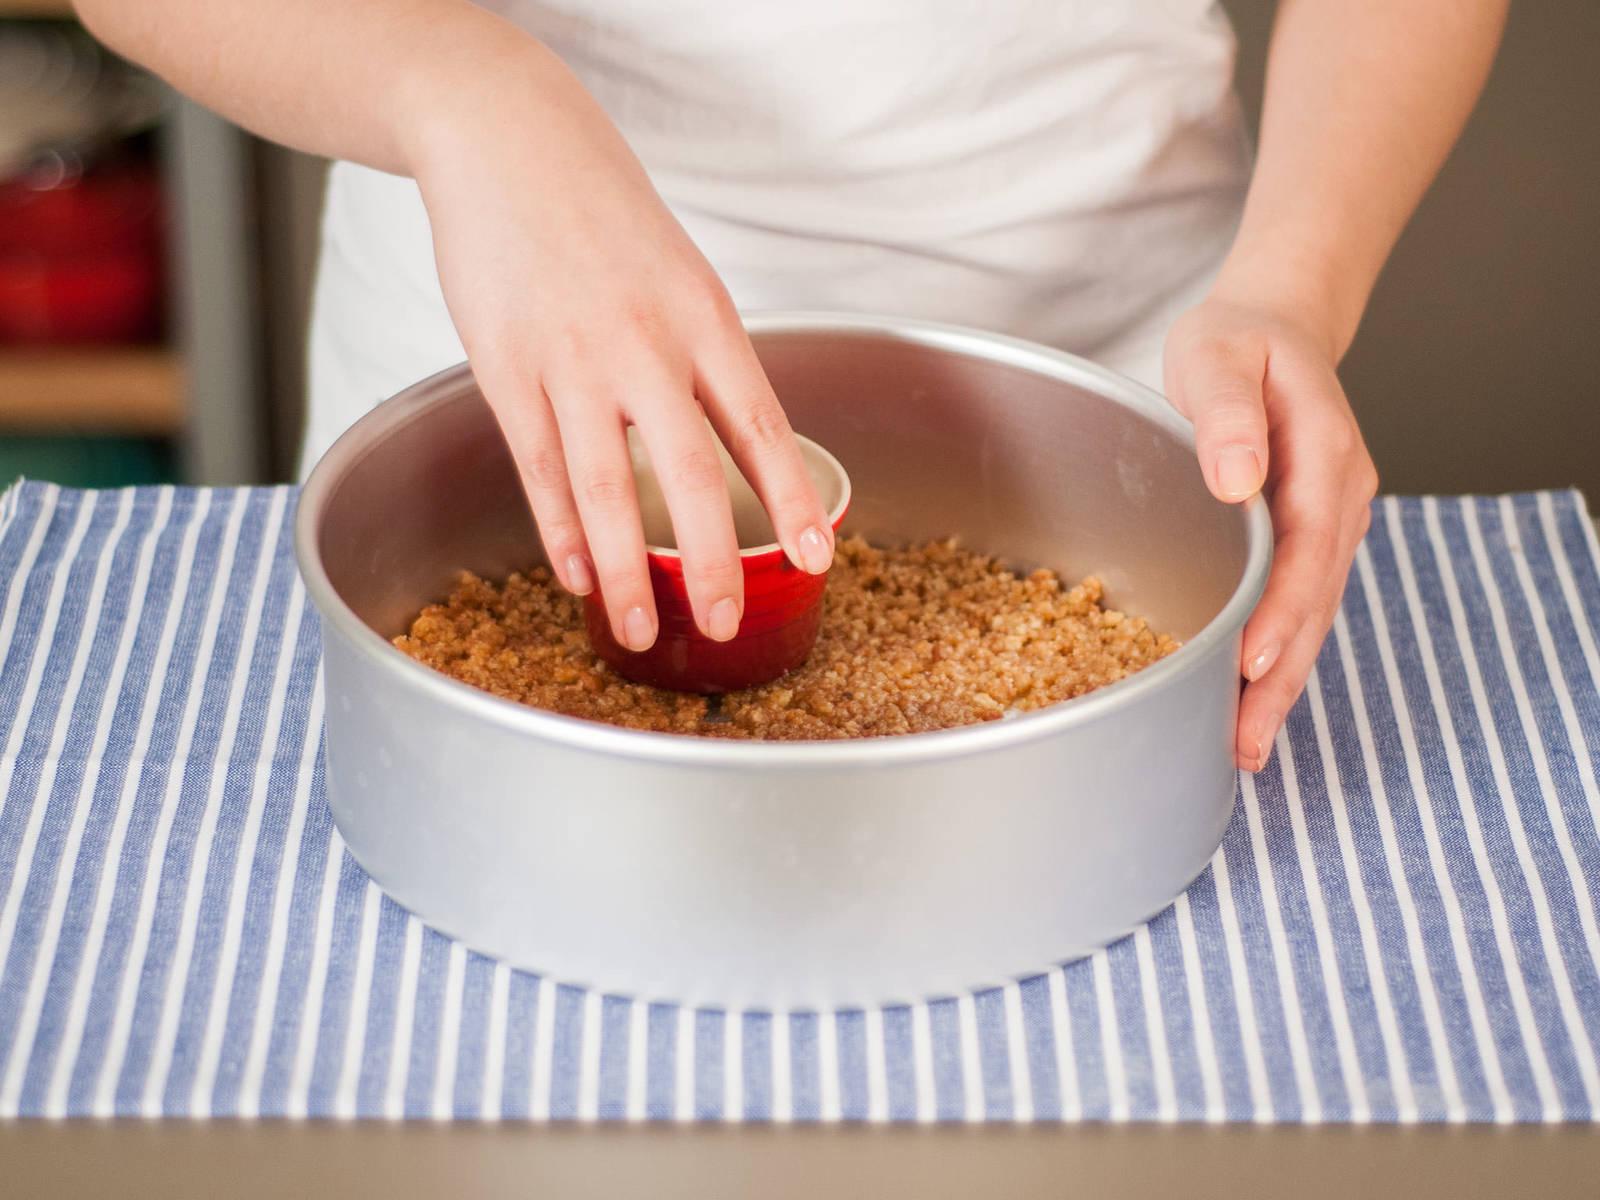 将饼干屑混合物铺在烤模底部,压实。